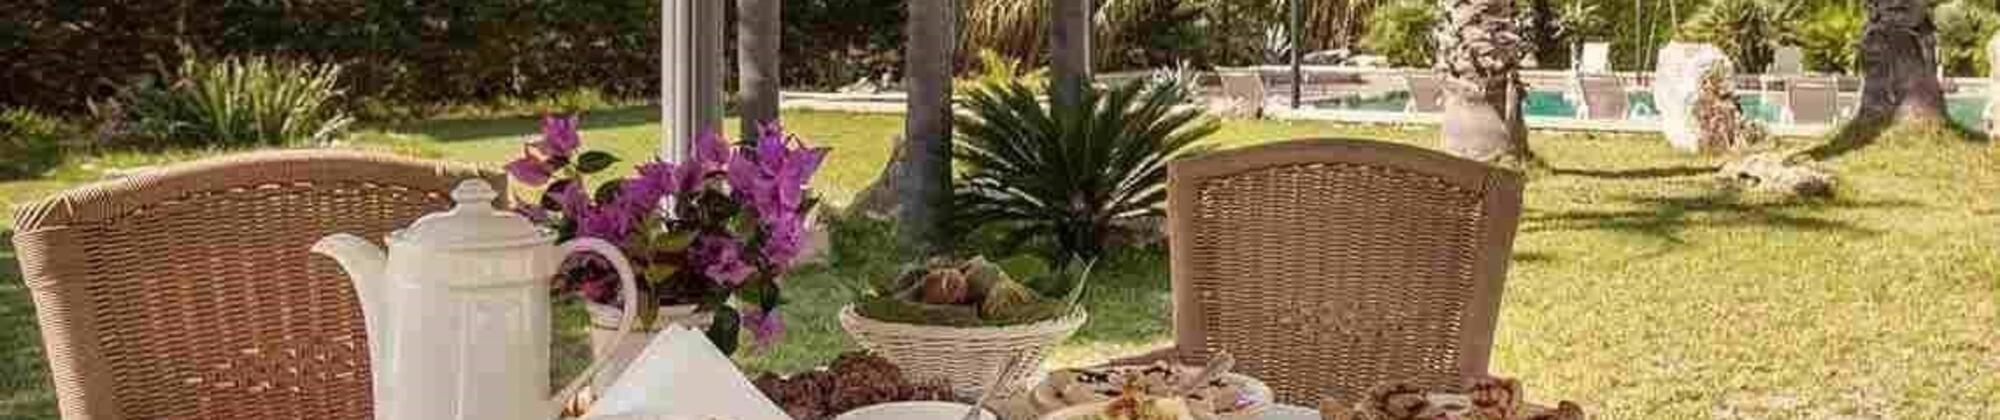 Agriturismo in Salento: un'accoglienza tipica tra ulivi millenari e mare caraibico